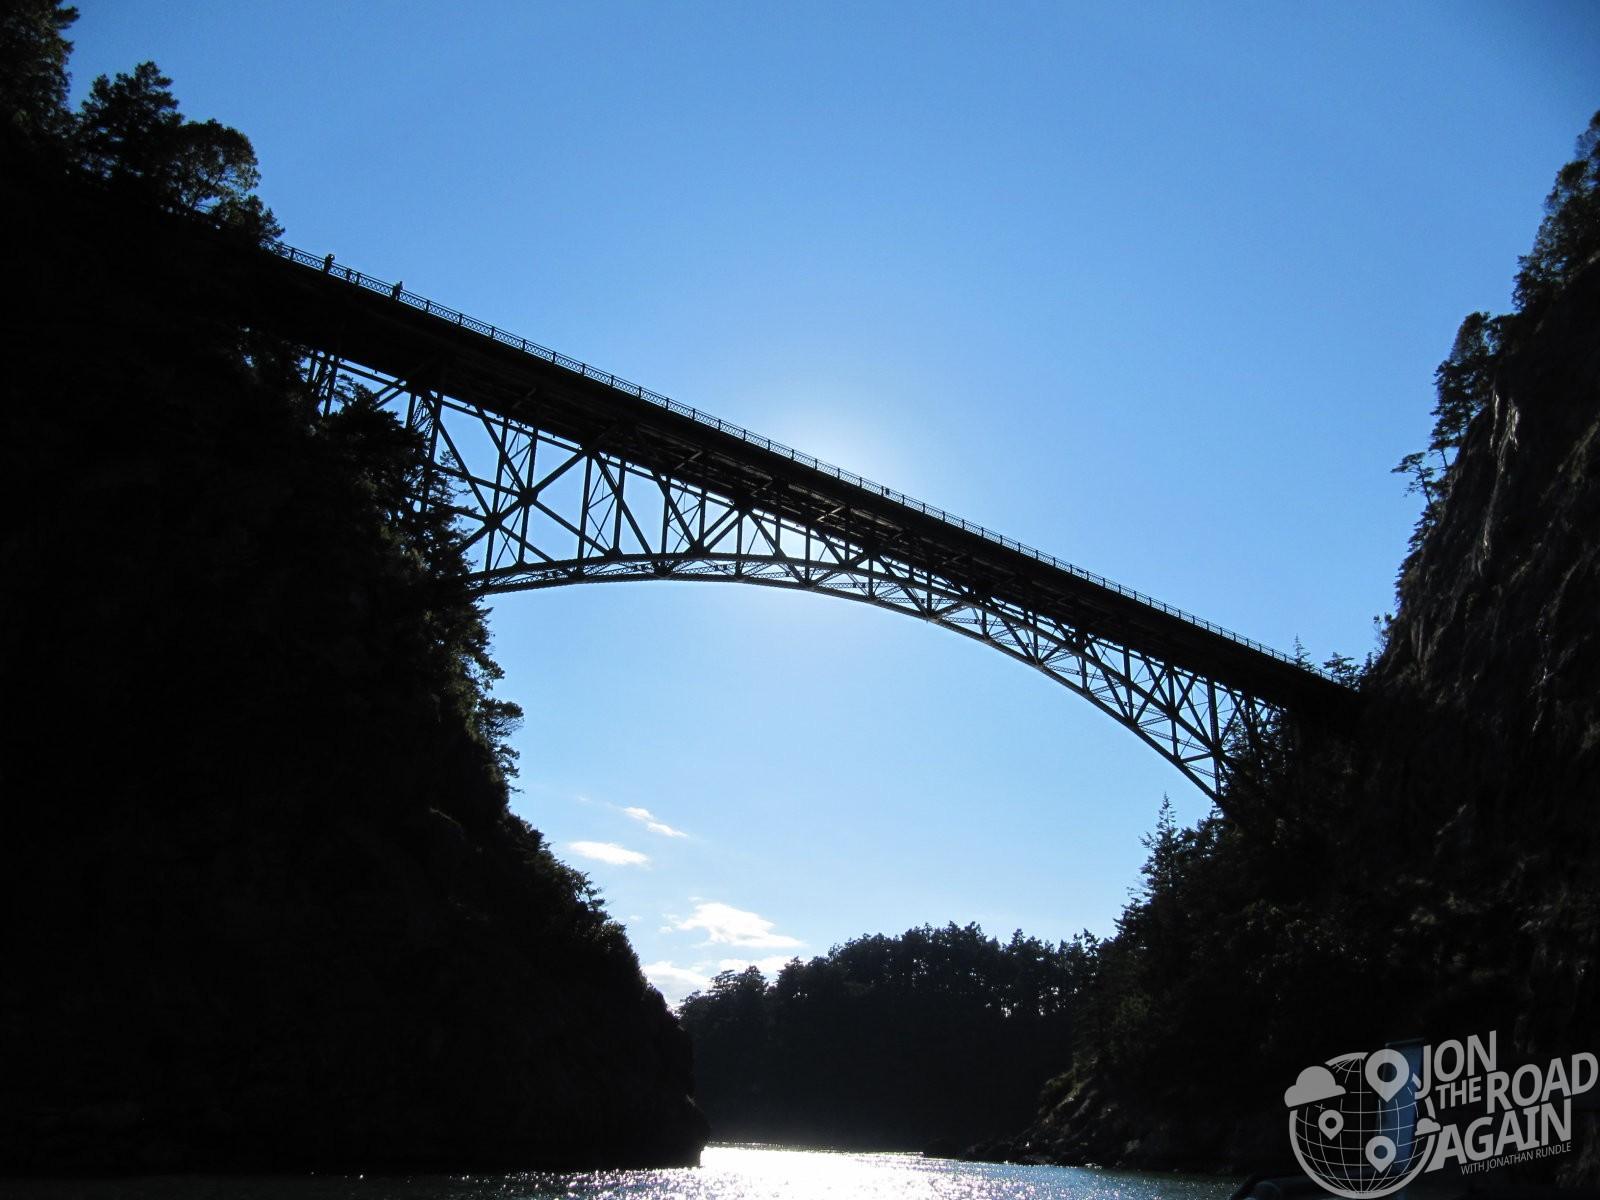 Under Deception Pass Bridge